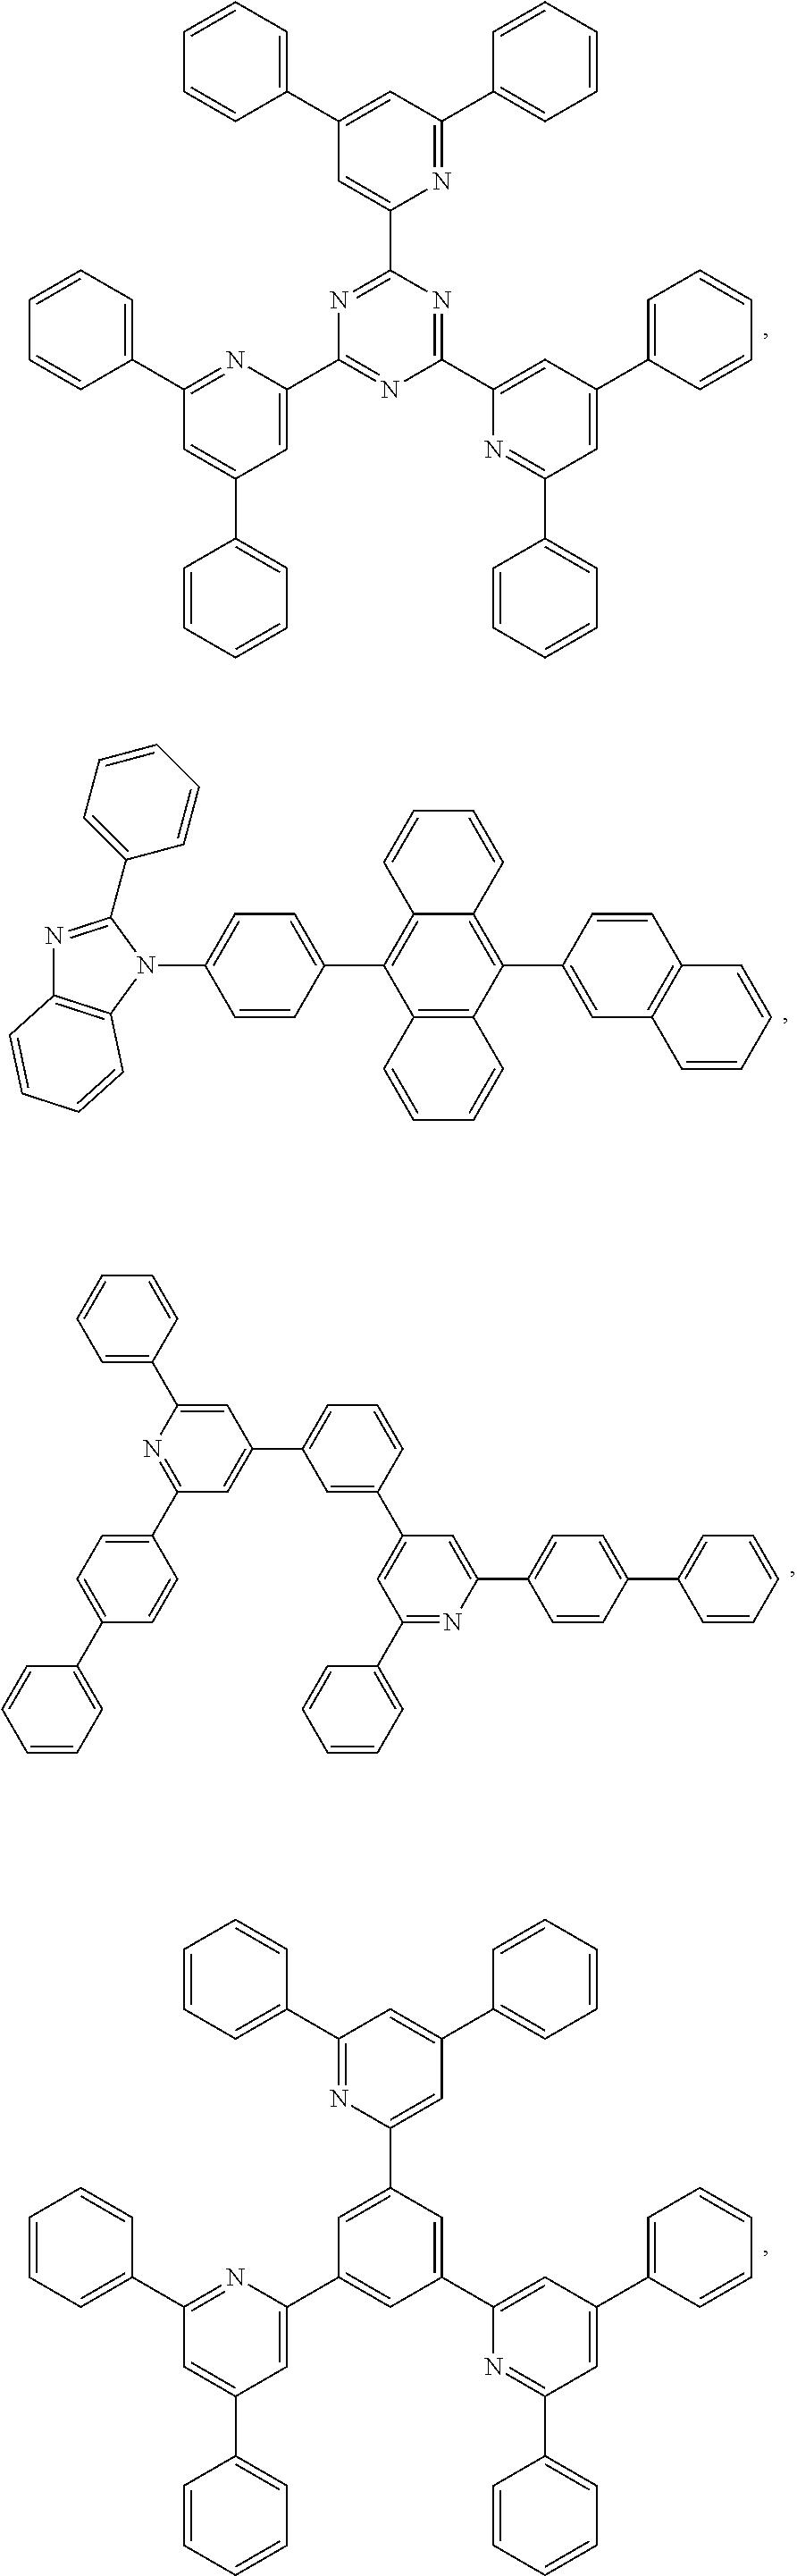 Figure US20180076393A1-20180315-C00130